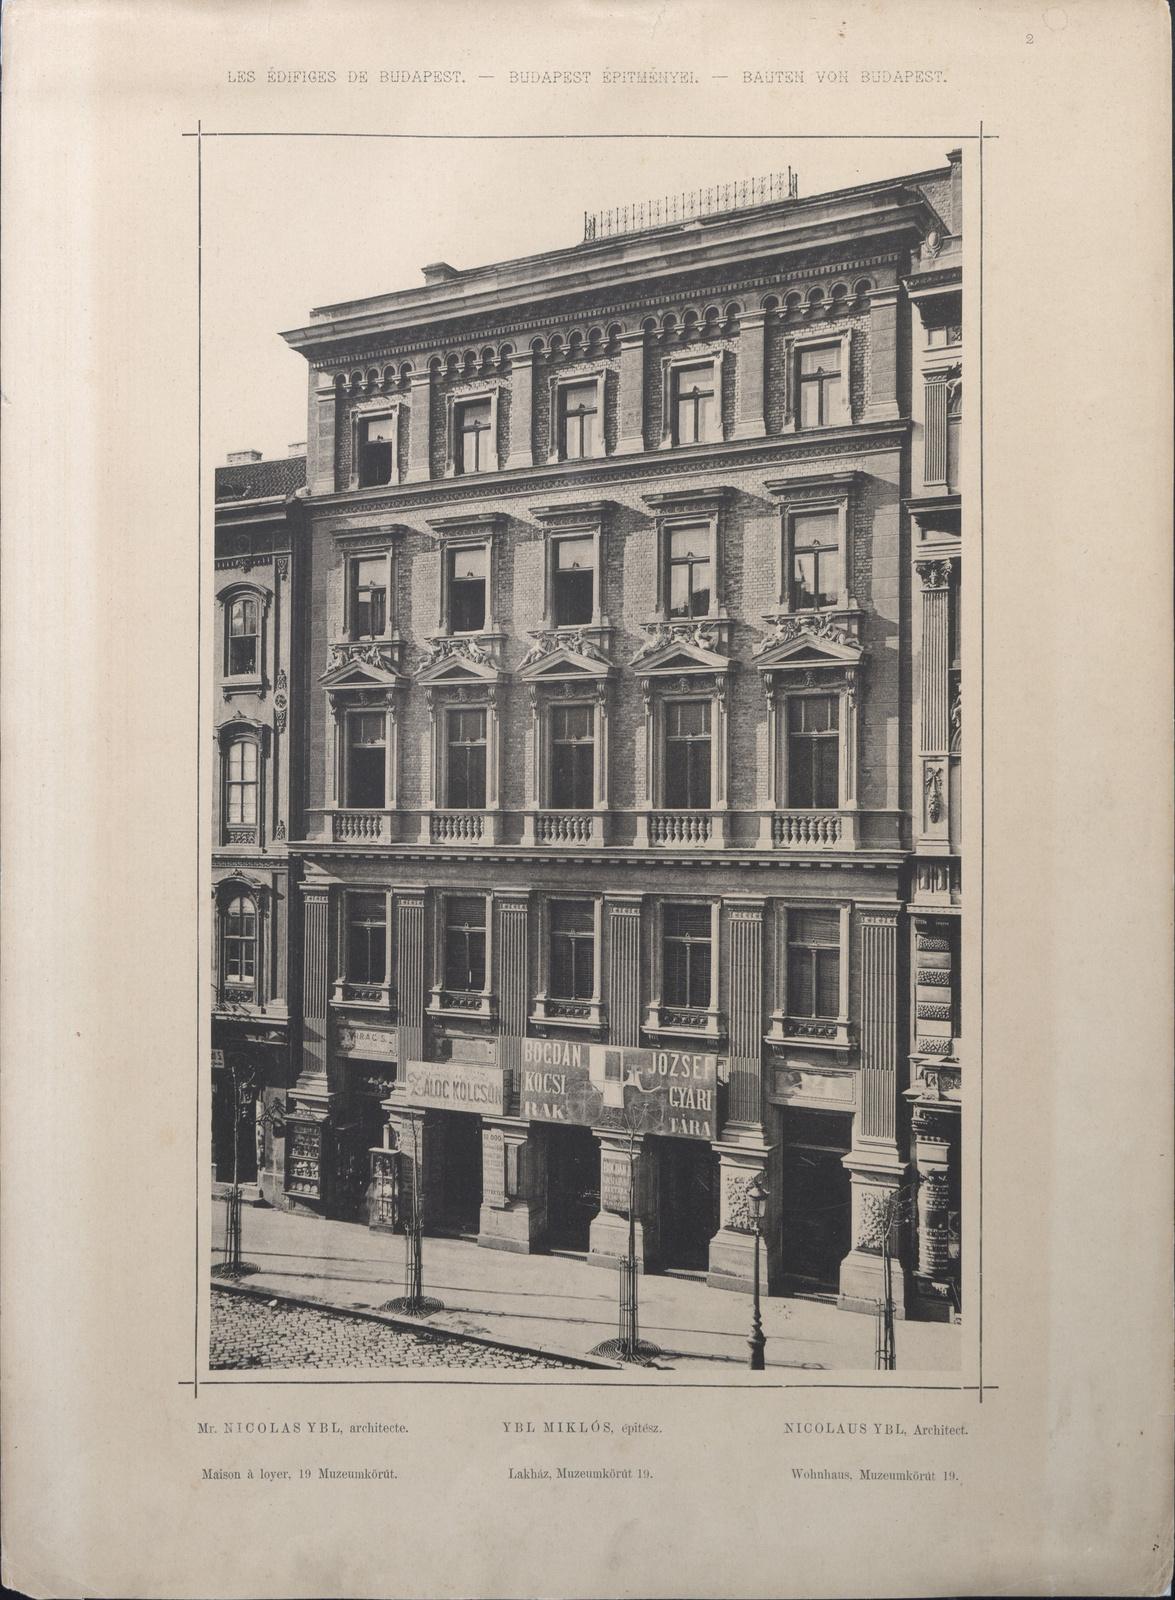 fovarosi.blog.hu: RothZsigmondElsoBerhaza-MuzeumKrt19-1883-ybl.bparchiv.hu - indafoto.hu